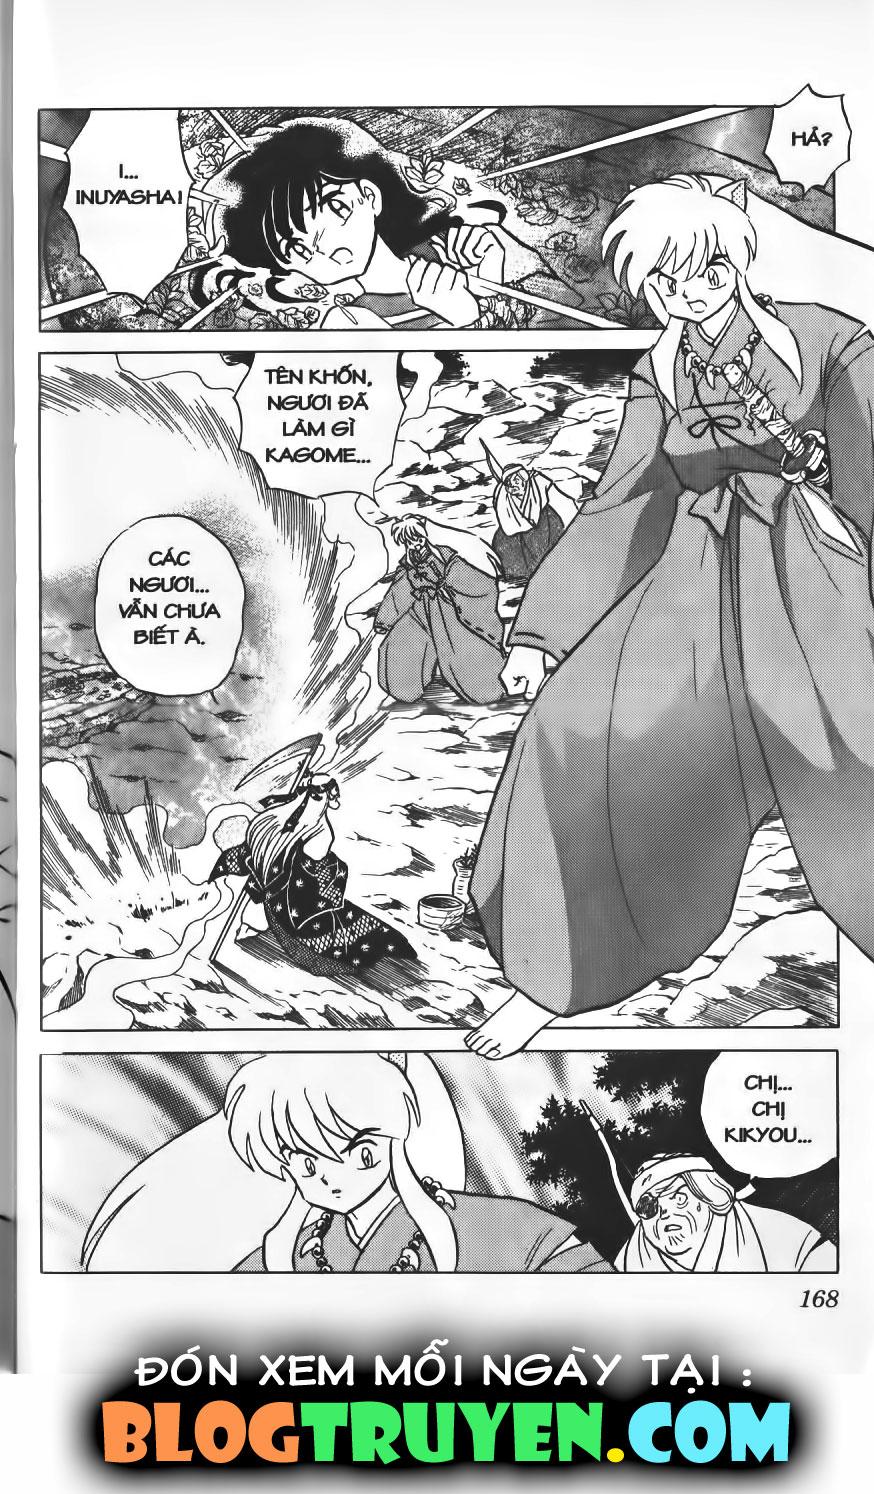 Inuyasha vol 05.9 trang 17